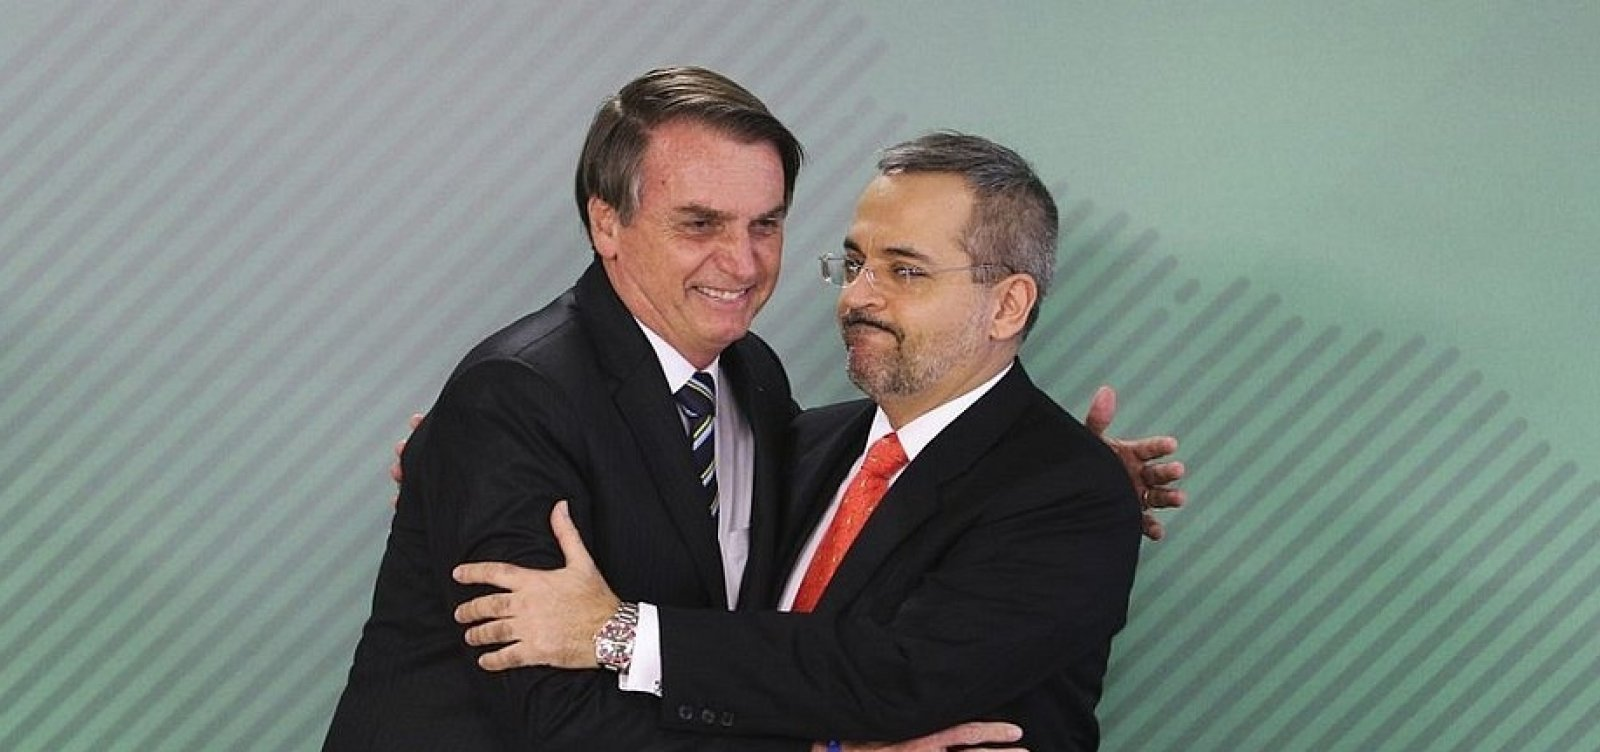 PT recebe pedido de filiação de Bolsonaro, Carlos e Weintraub após vazamento de dados